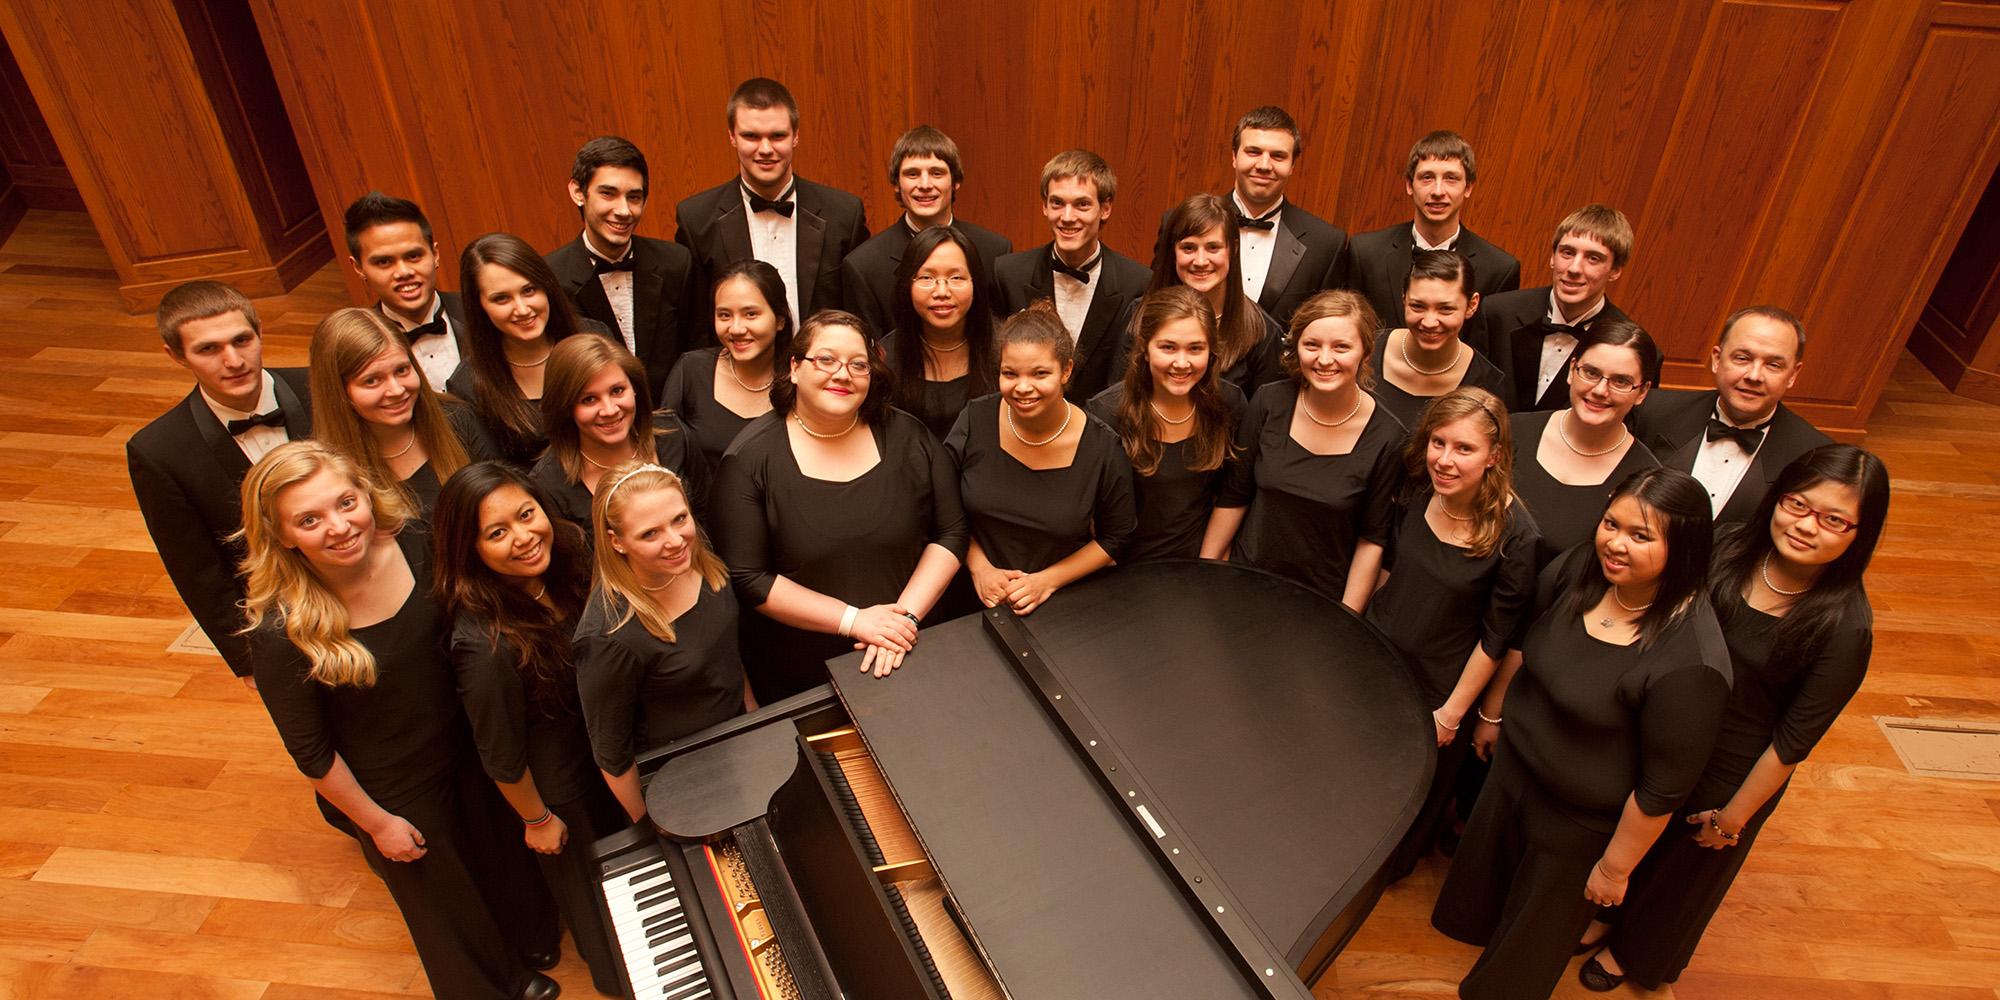 Hesston College Men S Chorus And Women S Chorus